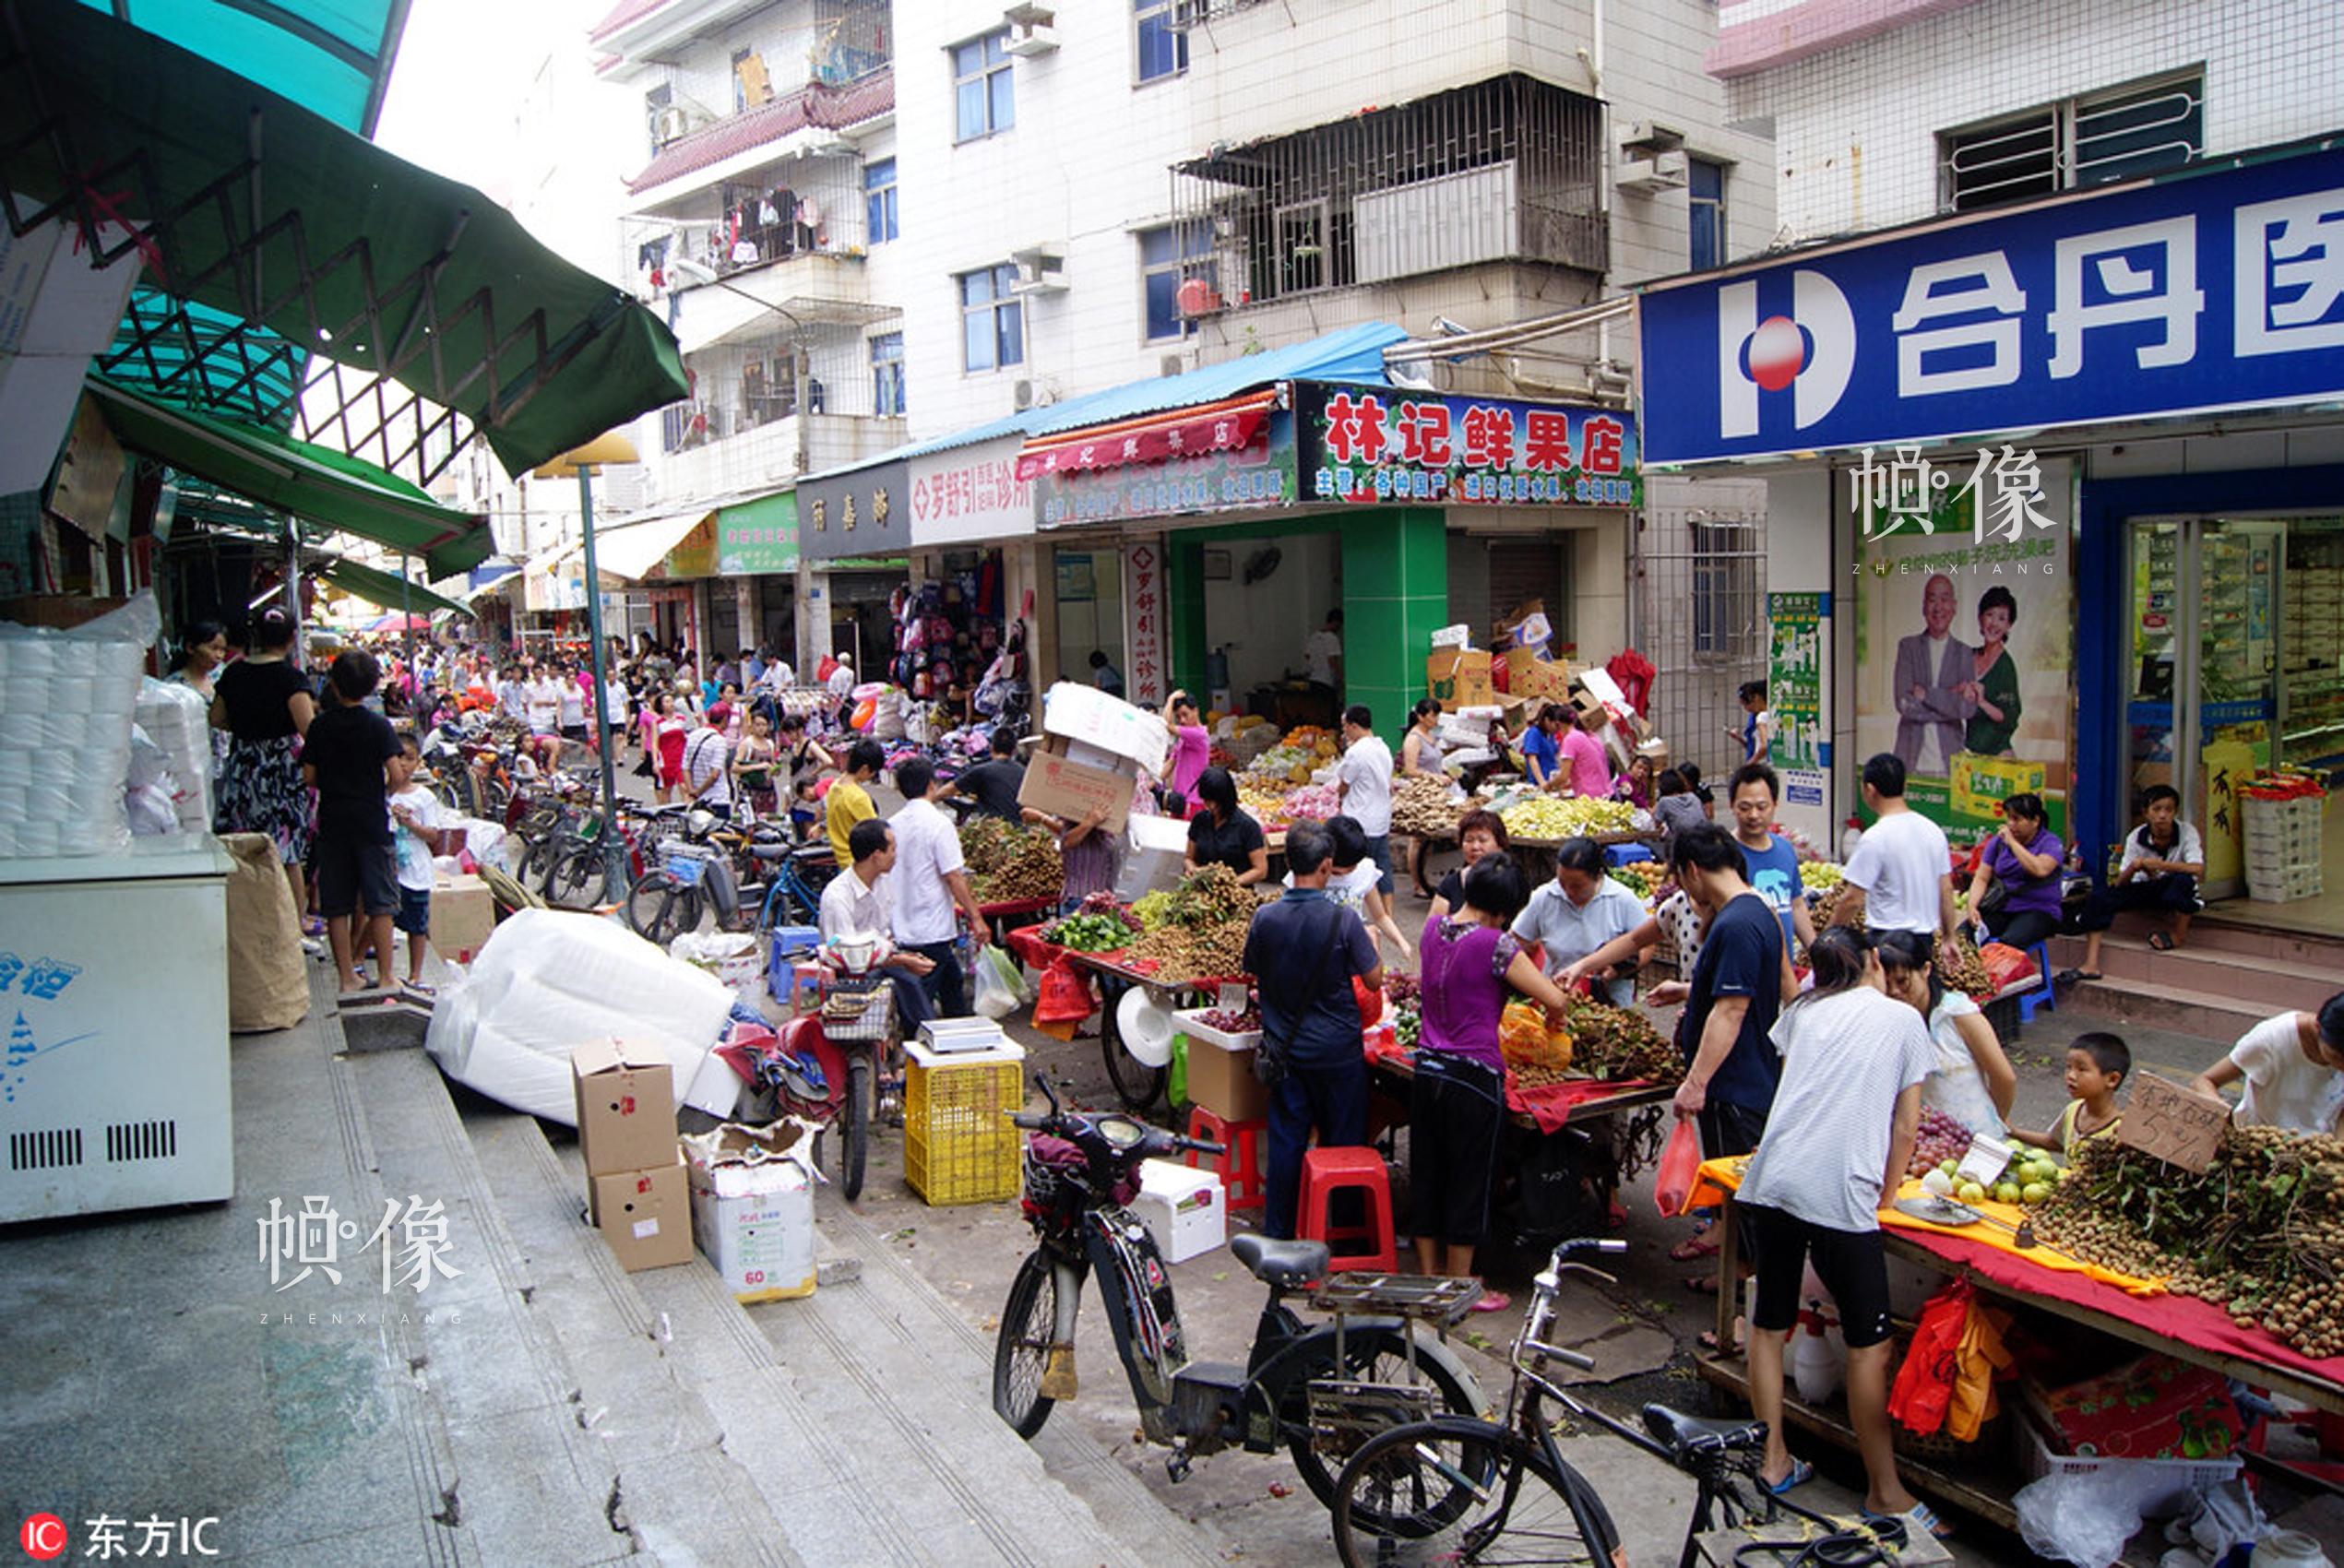 2011年8月13日,深圳西乡农贸市场,热闹的交易场景。董丰槐  东方IC